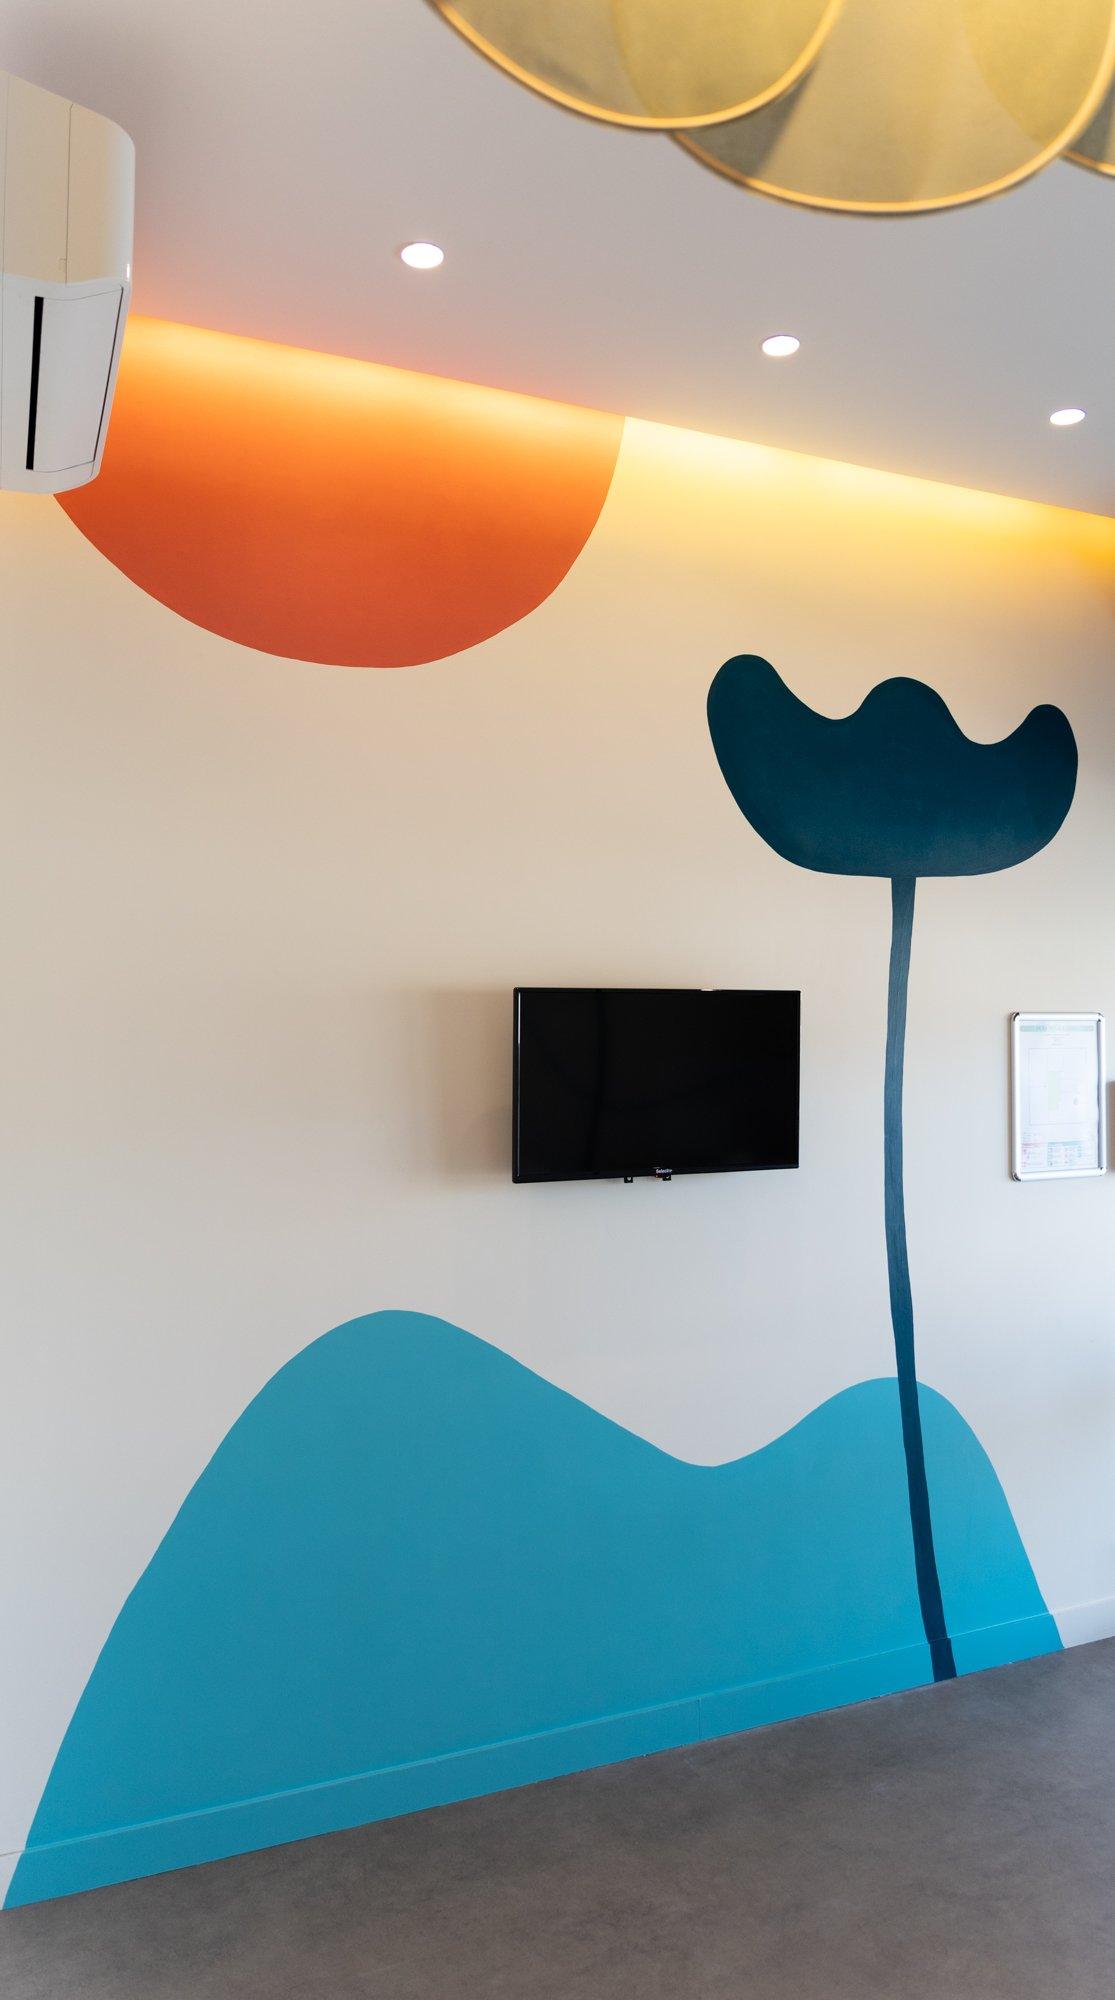 fresque murale sur mesure / salle d'attente médicale / studio like that par withalovelikethat.fr